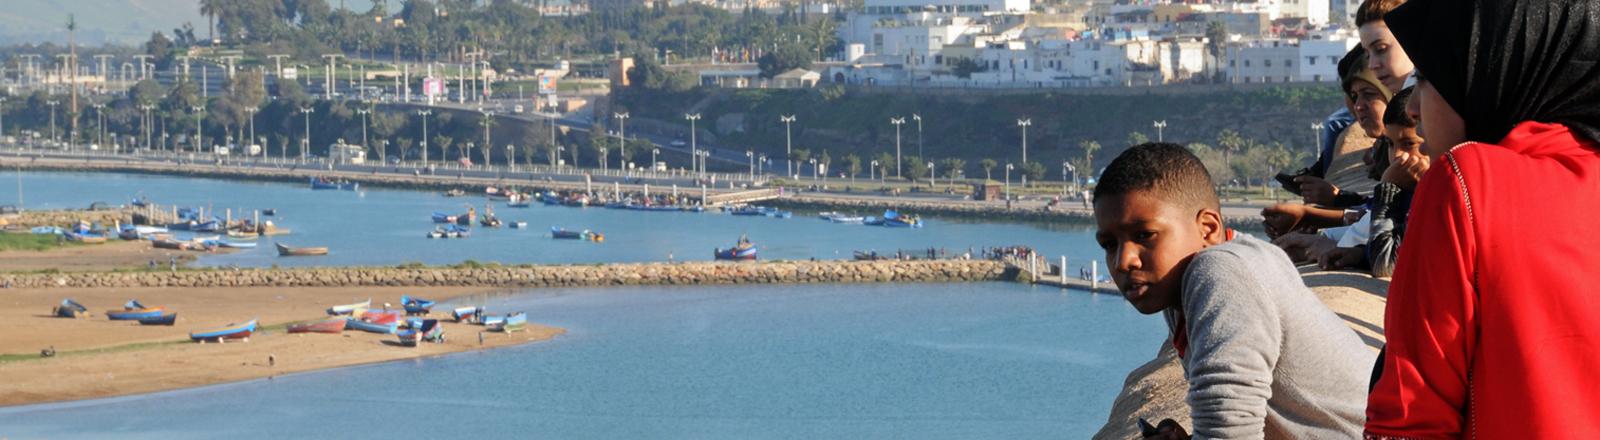 Jugendliche in Rabat (Marokko)